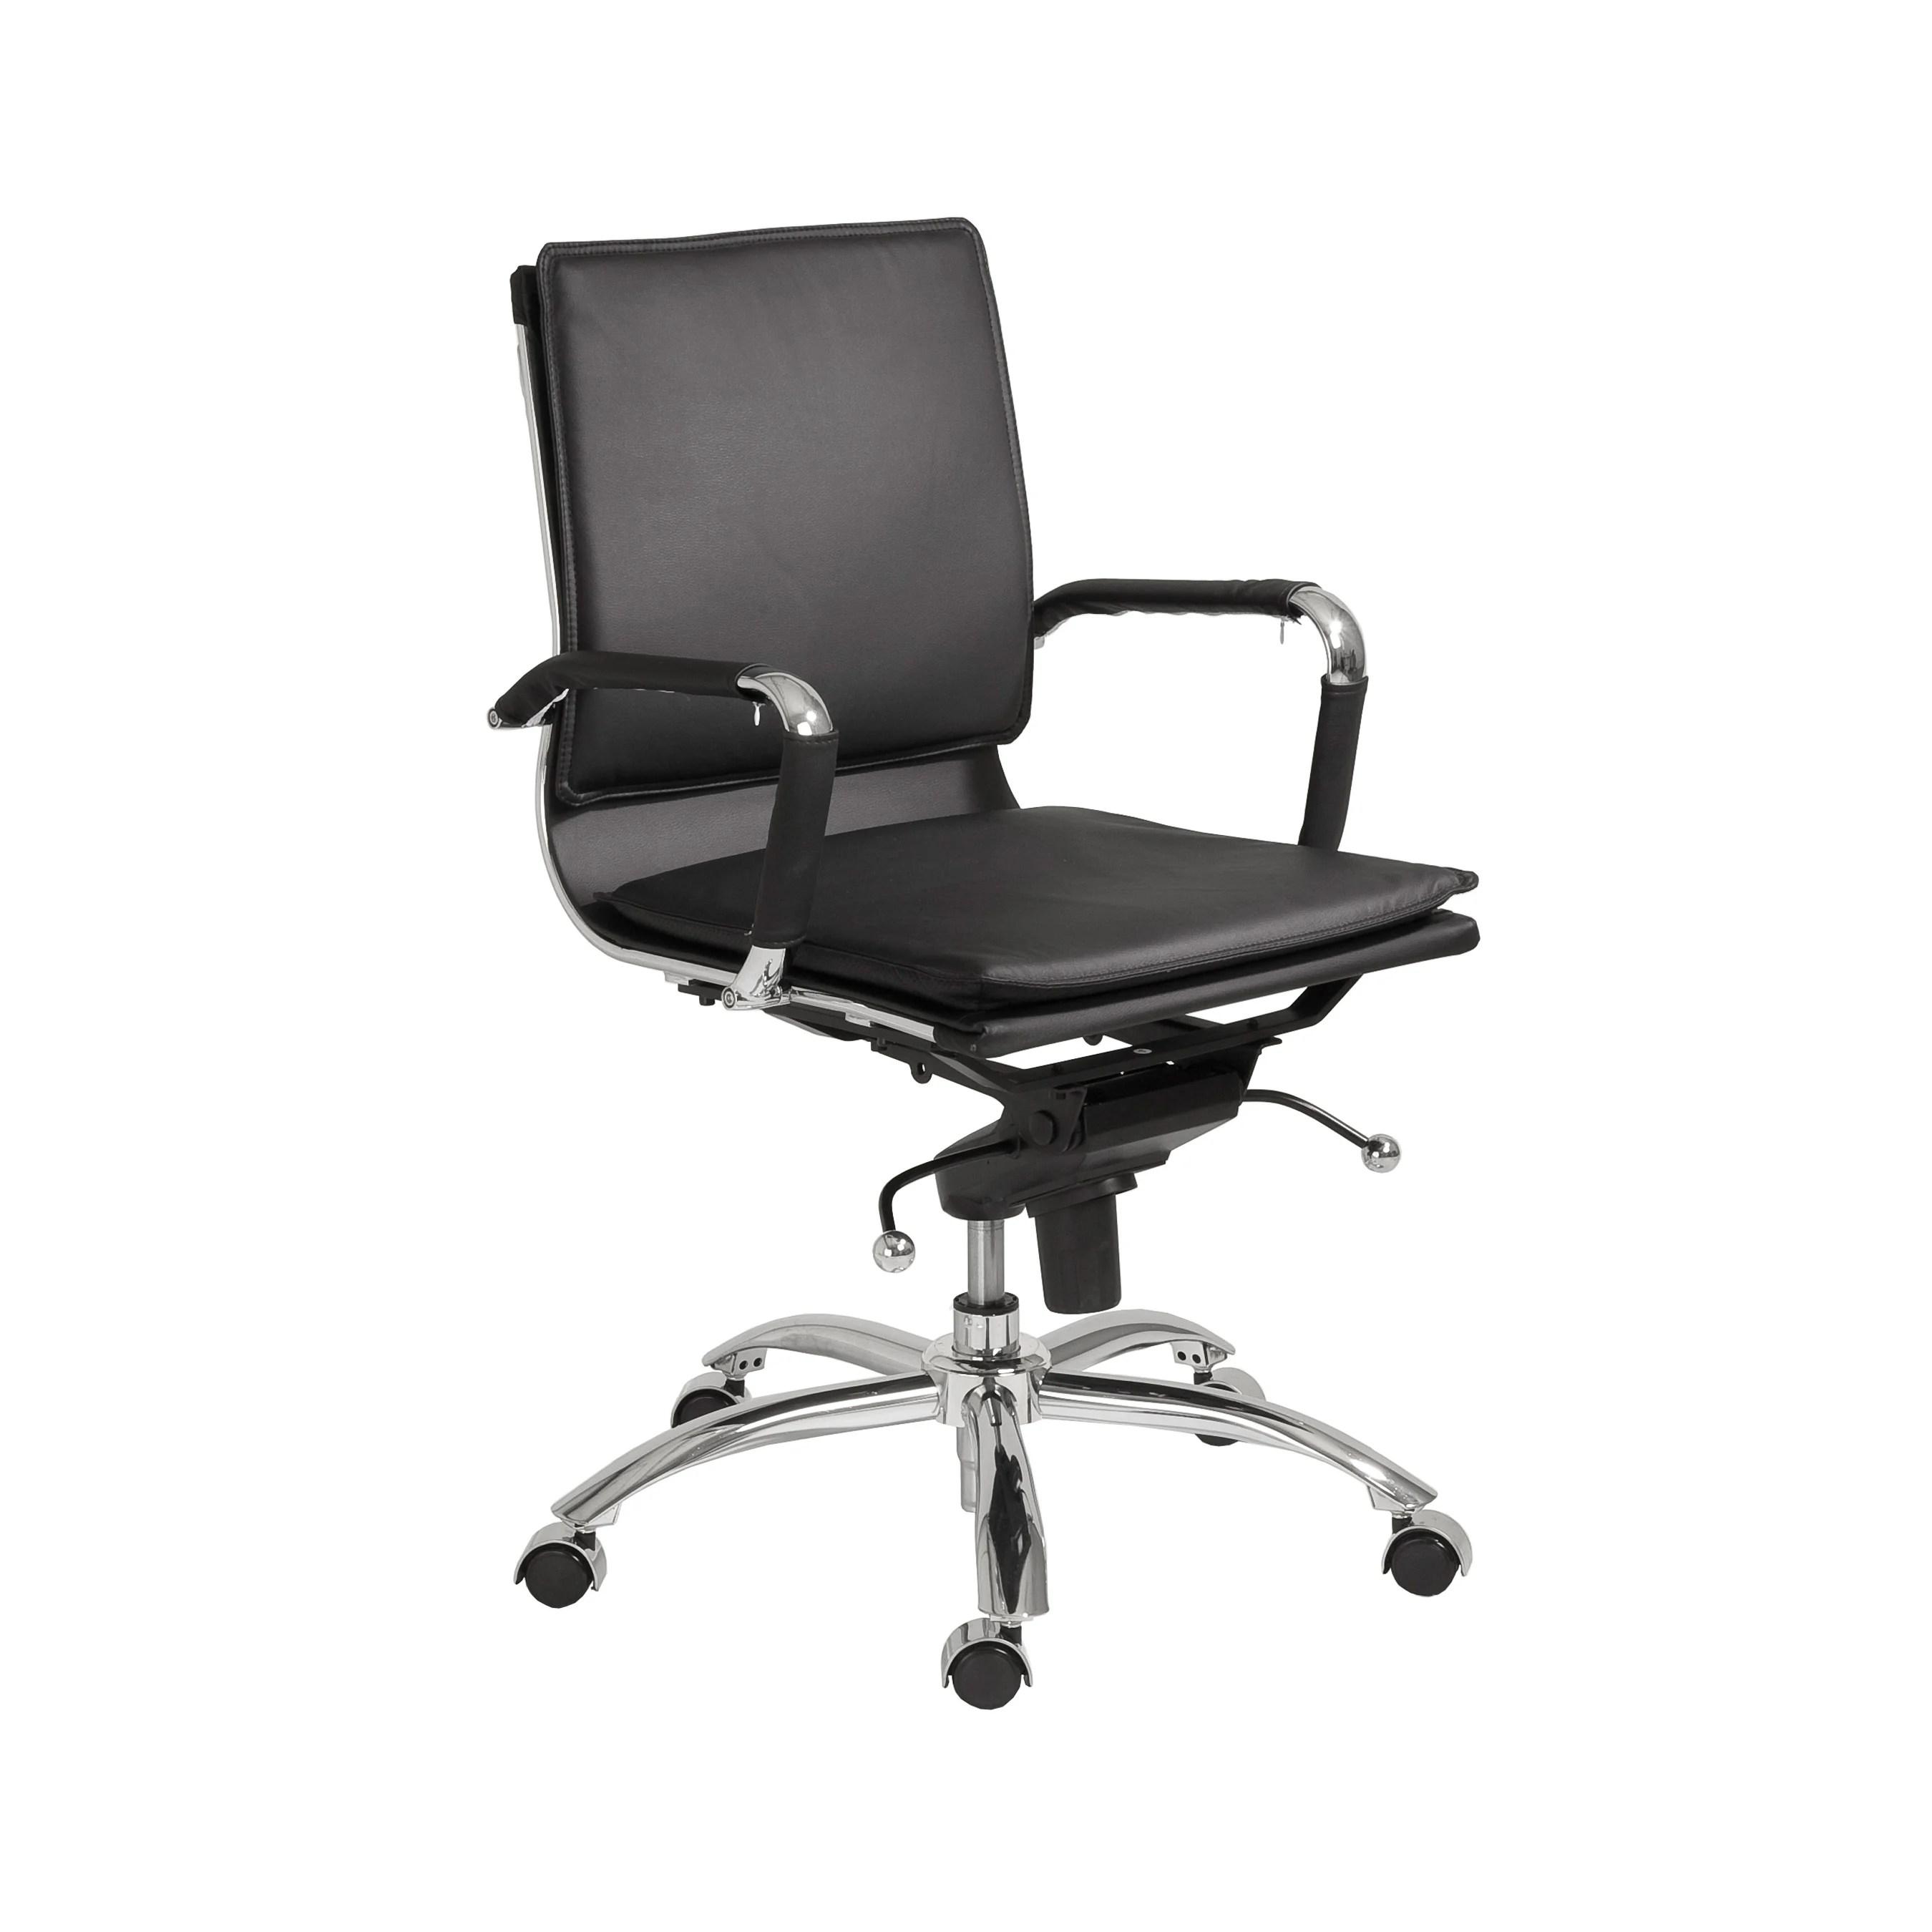 office chair review black universal covers brayden studio kalgoorlie pro low back adjustable